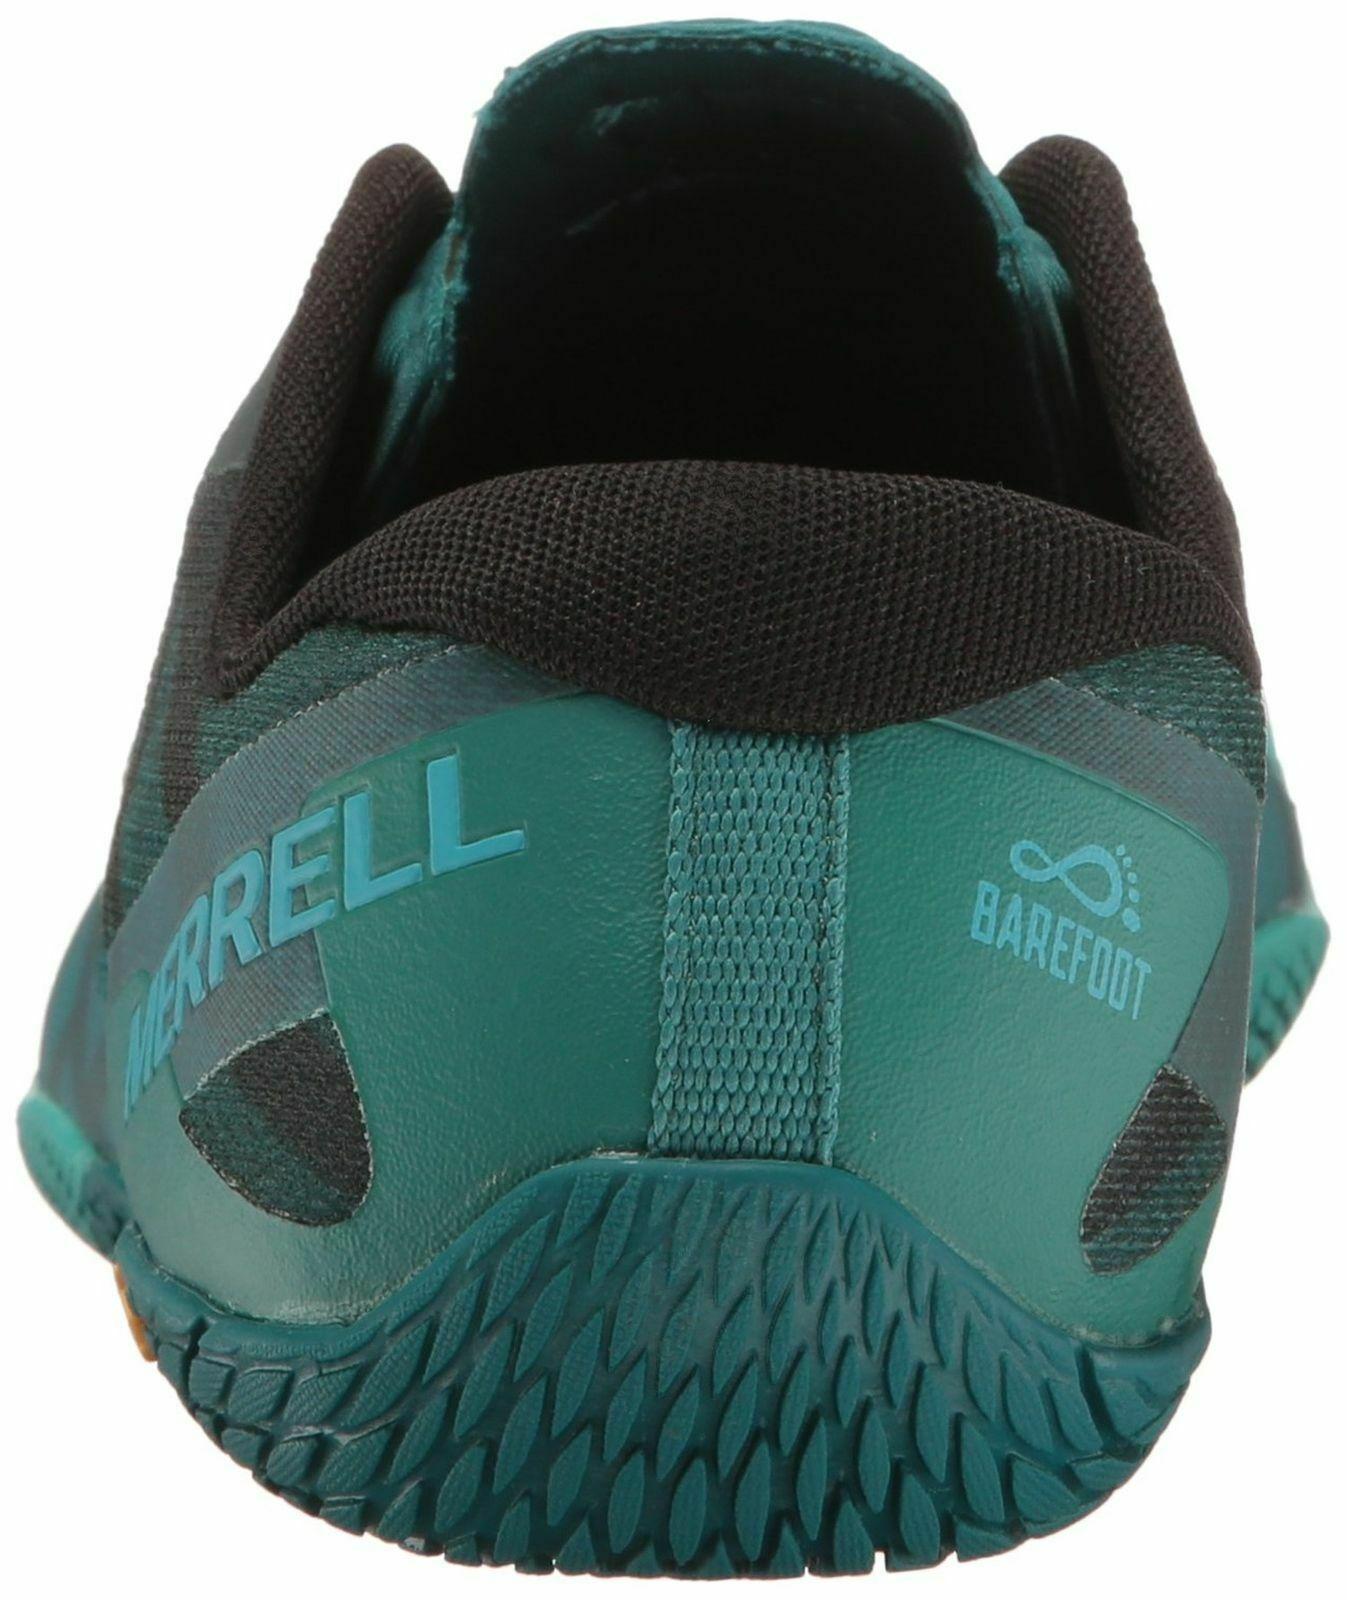 Merrell Men's Vapor Glove 3 Trail Runner Shaded Spruce 10.5 D(M) US New